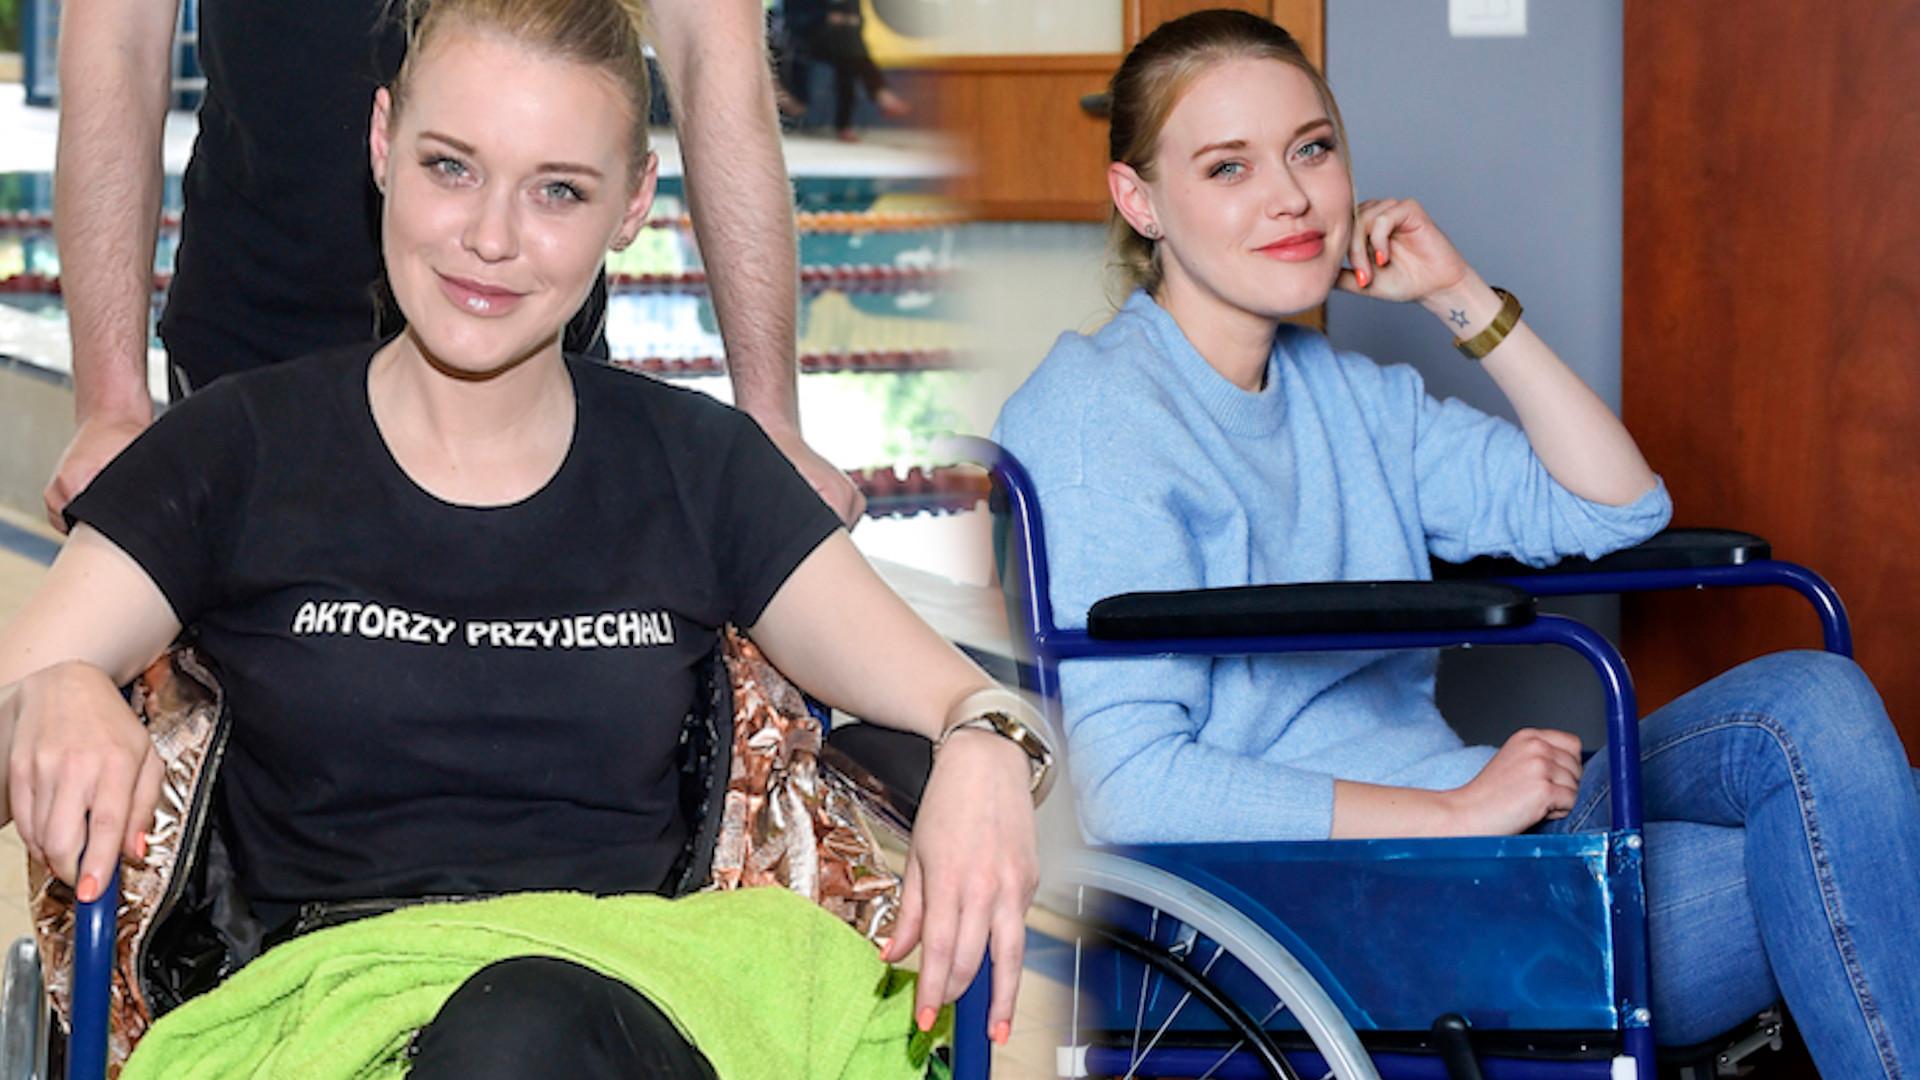 Ewelina Ruckgaber wylądowała na wózku inwalidzkim (ZDJĘCIA)